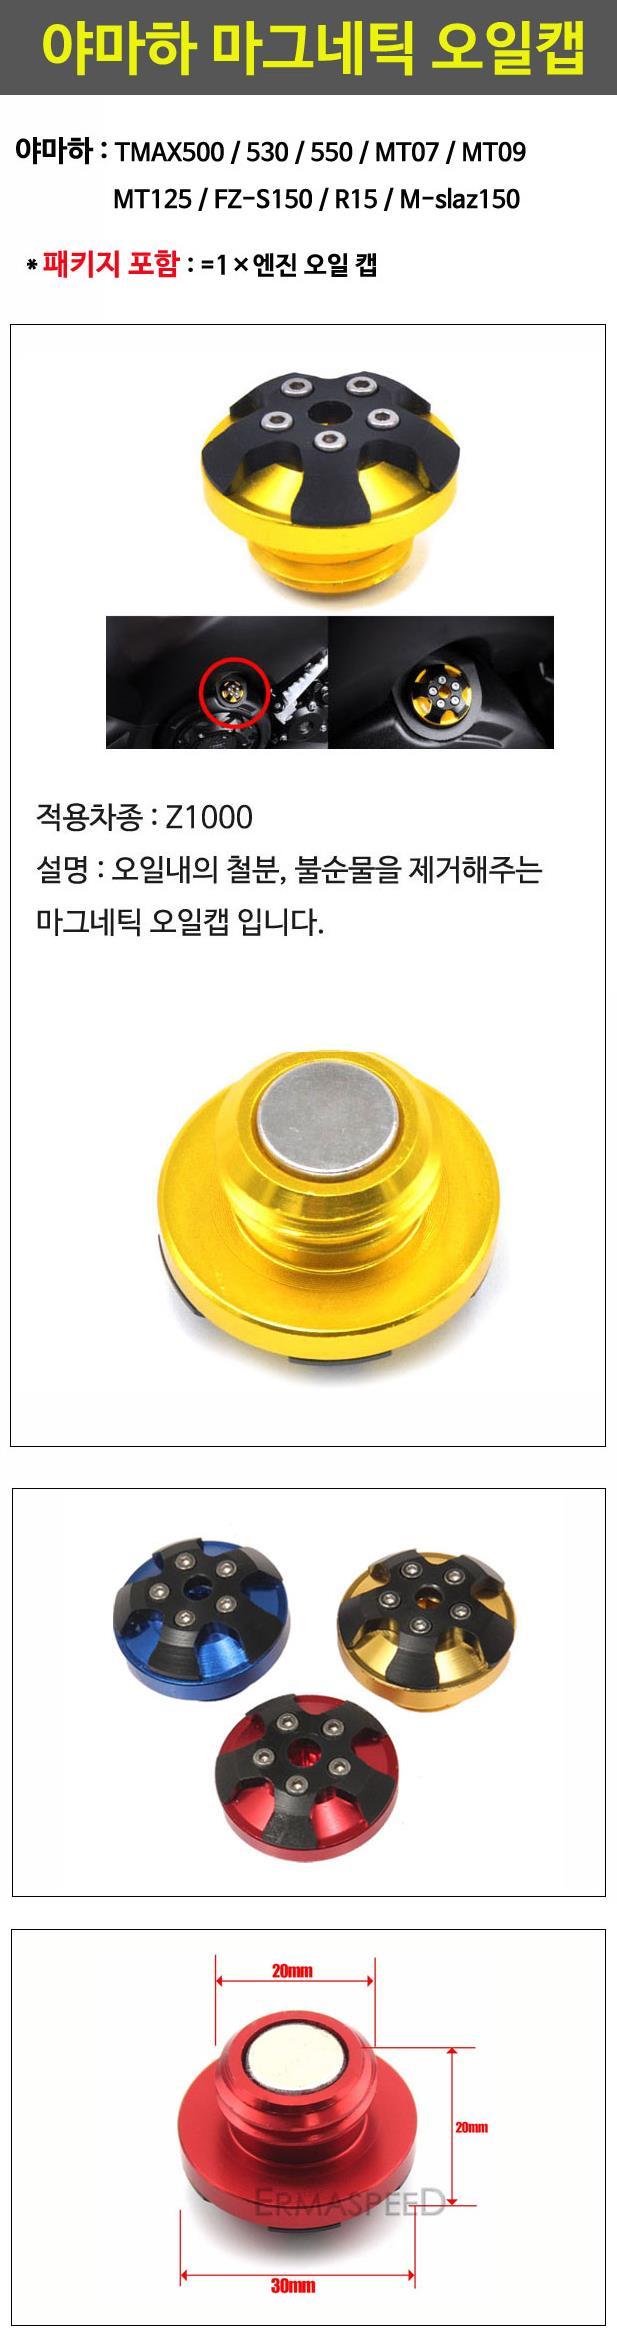 b8ca47041c20dd49e5ff617335175fac_1617457986_0669.JPEG